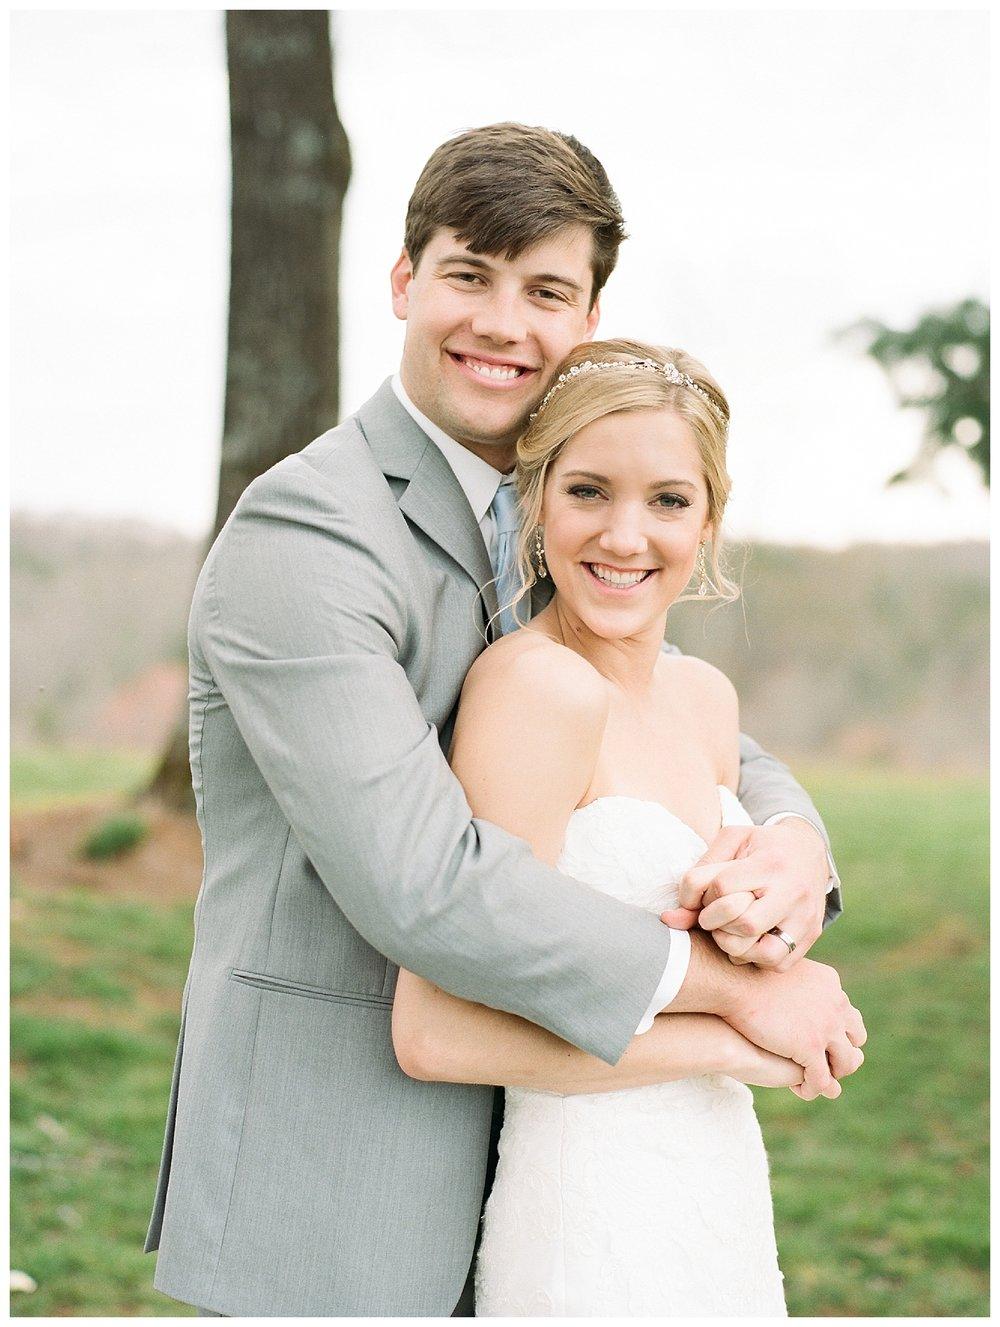 white-oaks-barn-dahlonega-wedding-photographer-christina-pugh_0034.jpg